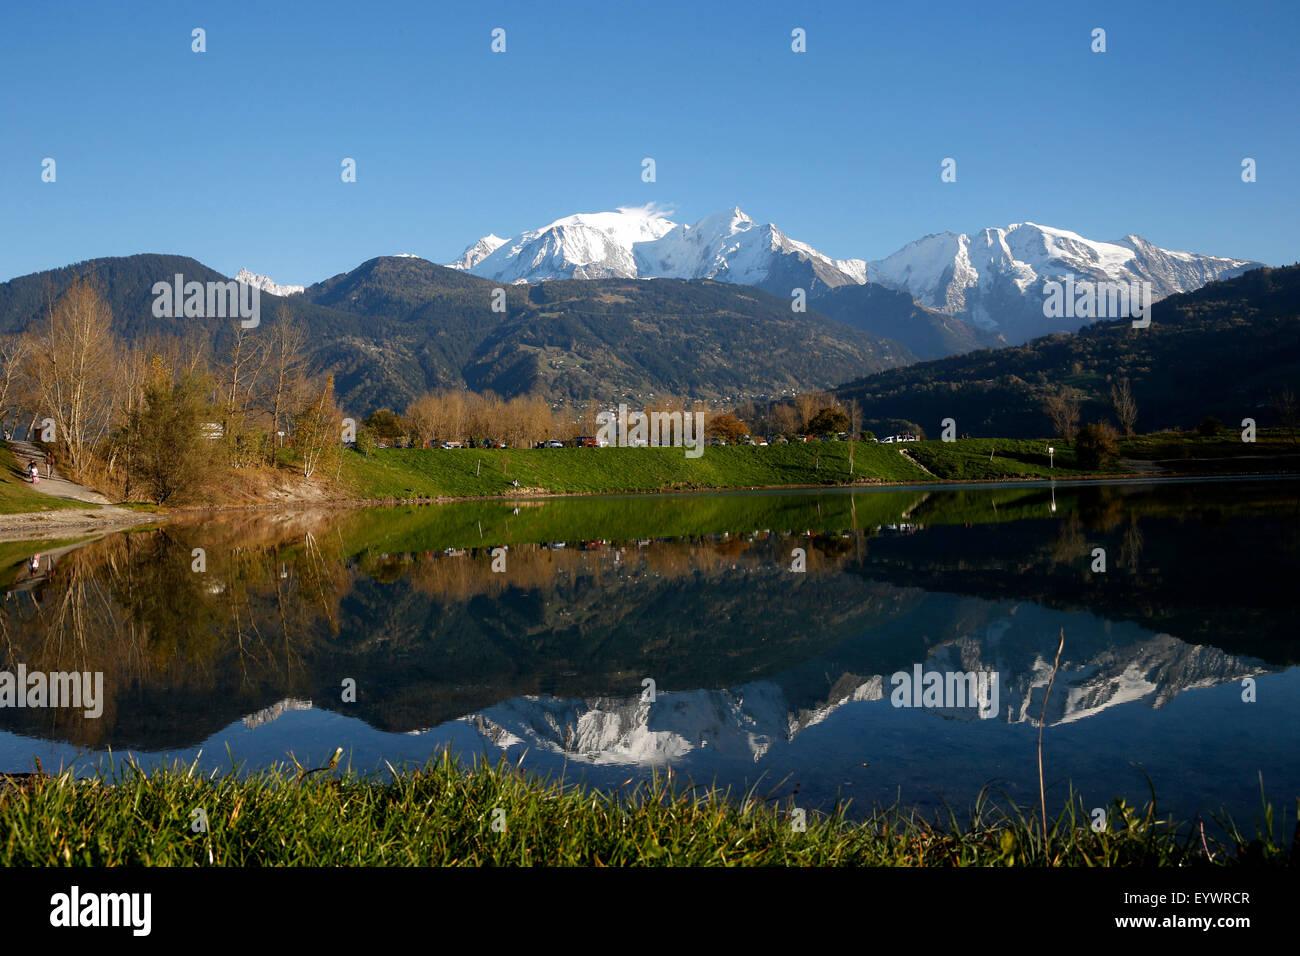 Le lac de Passy et sur le massif du Mont-Blanc, Alpes, Haute-Savoie, France, Europe Photo Stock